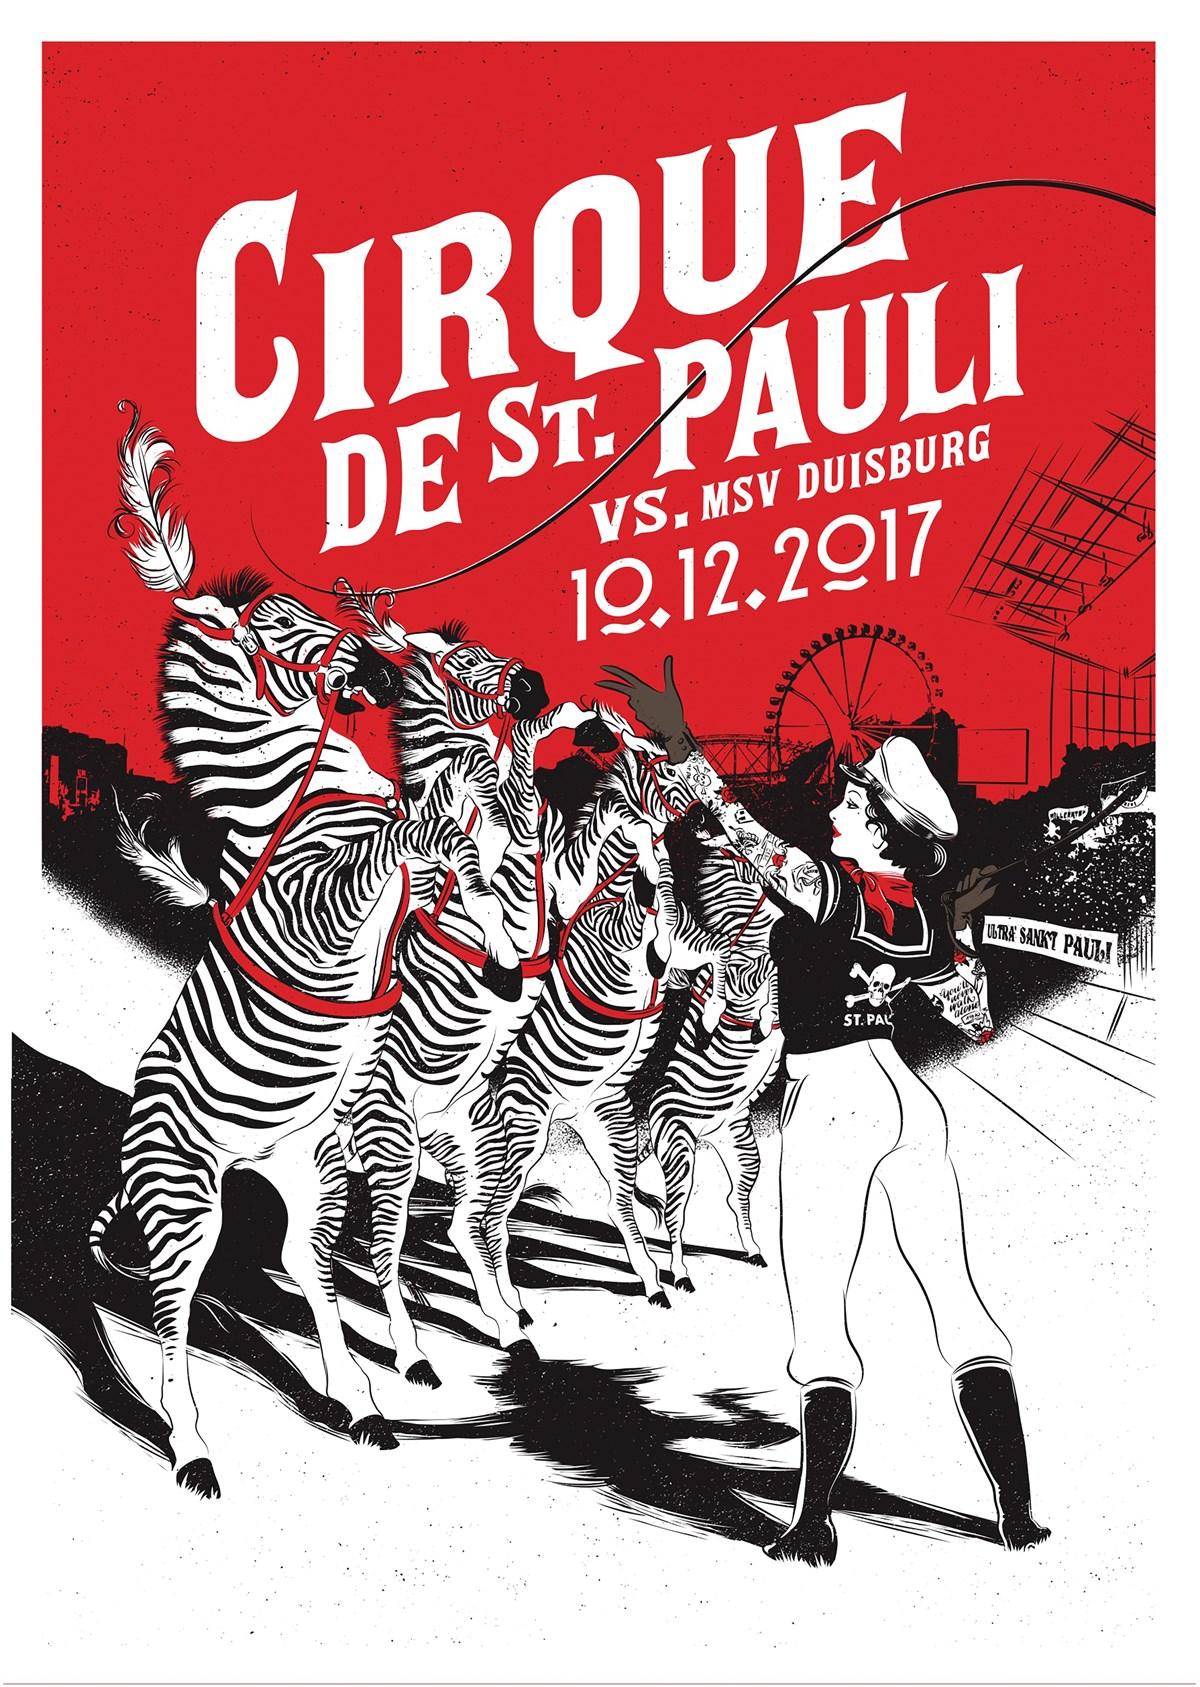 Der Kunstdruck von Mareikje Vogler zum Spiel gegen die Zebras.